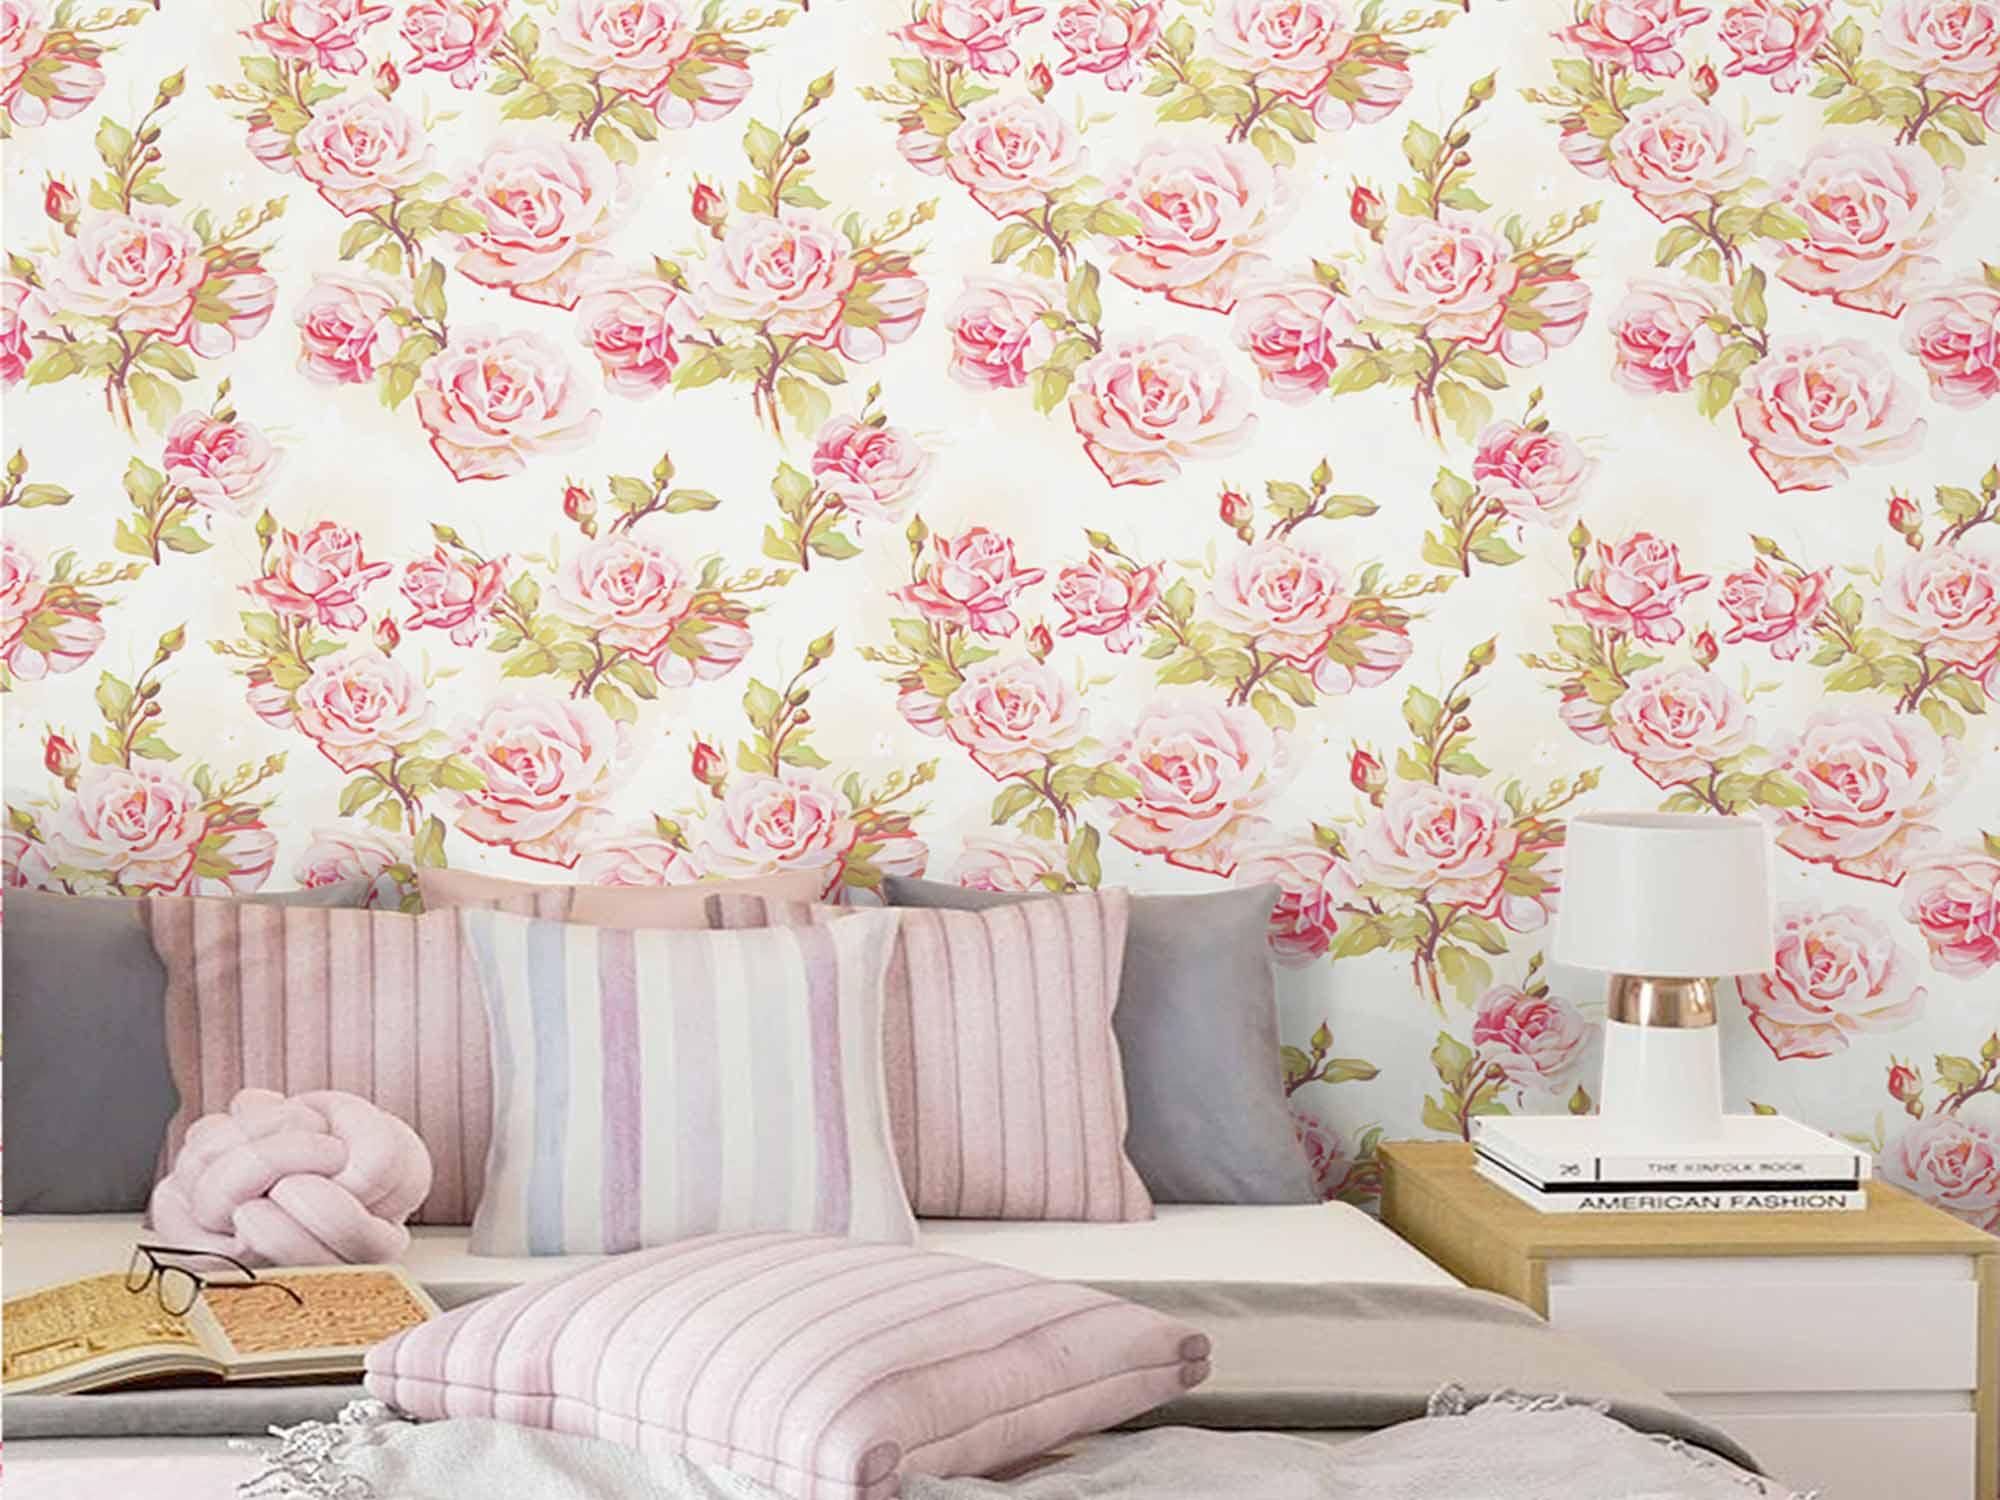 Papel de Parede Floral 0091 (Rolo 3m x 59cm) - PROMOÇÃO  - Paredes Decoradas